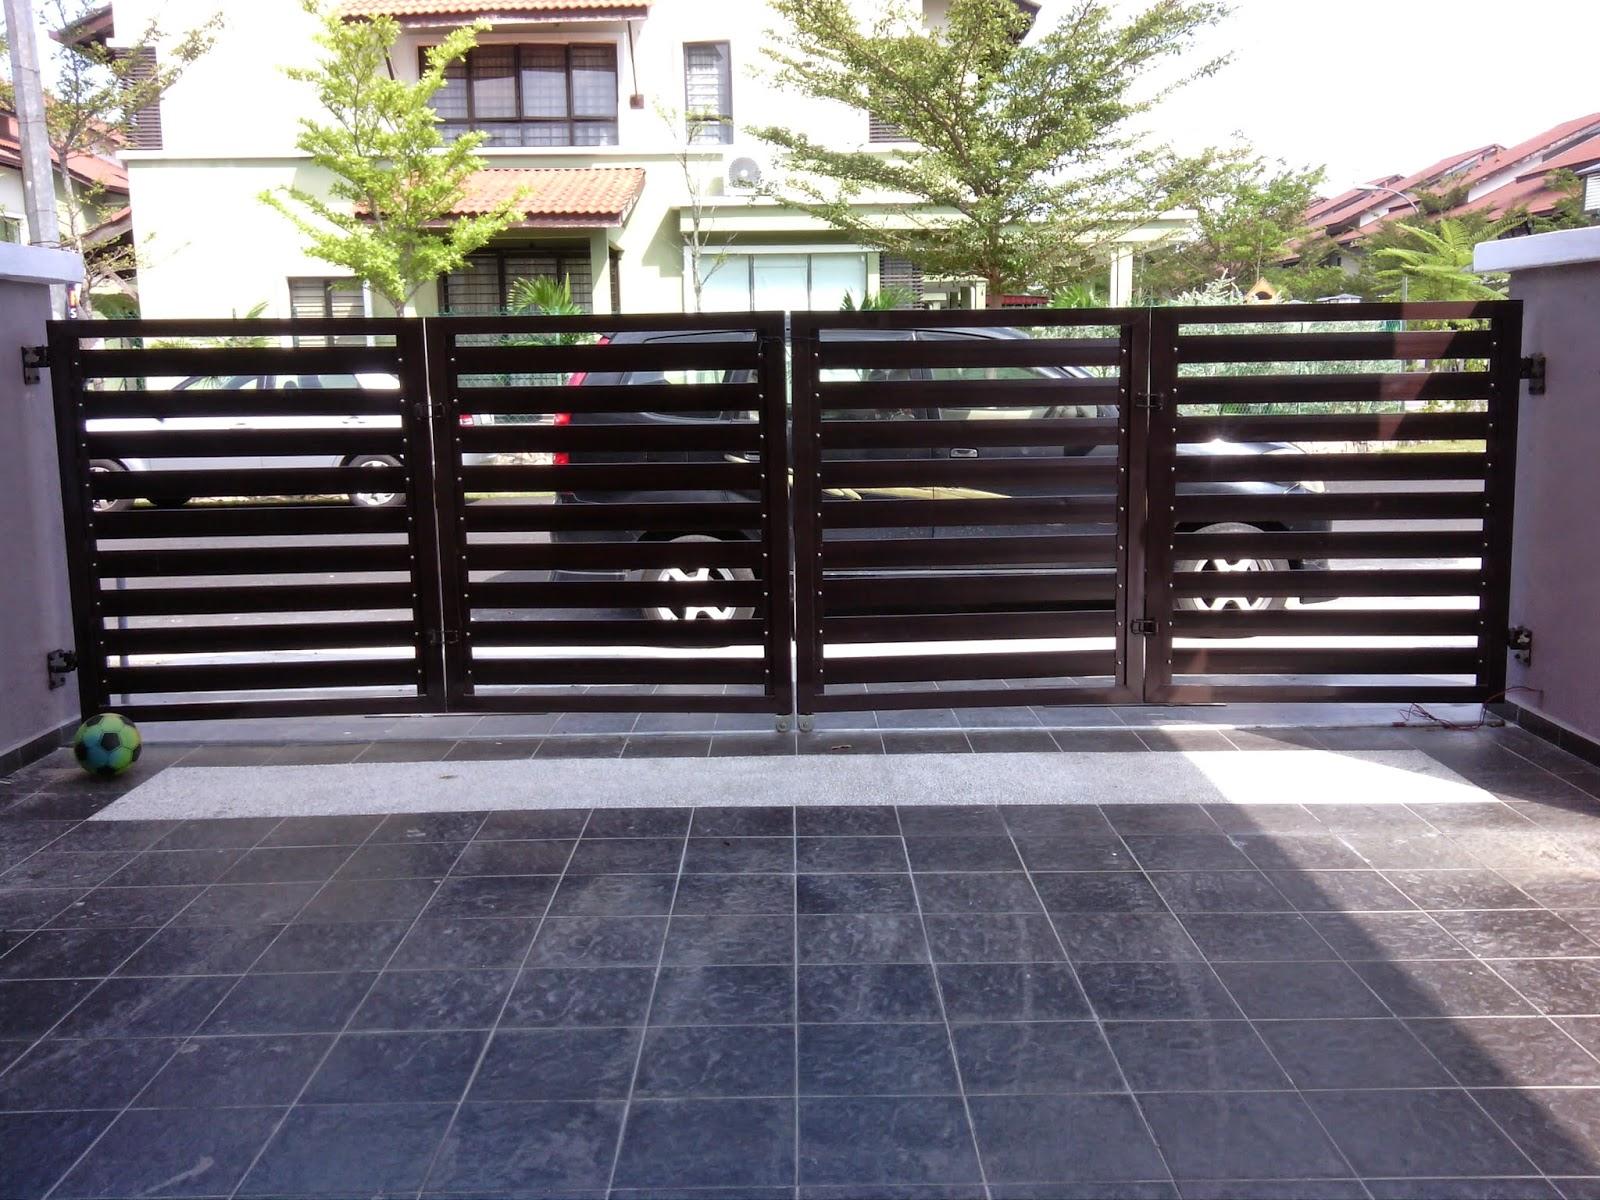 Gate Rumah Terkini | Desainrumahid.com